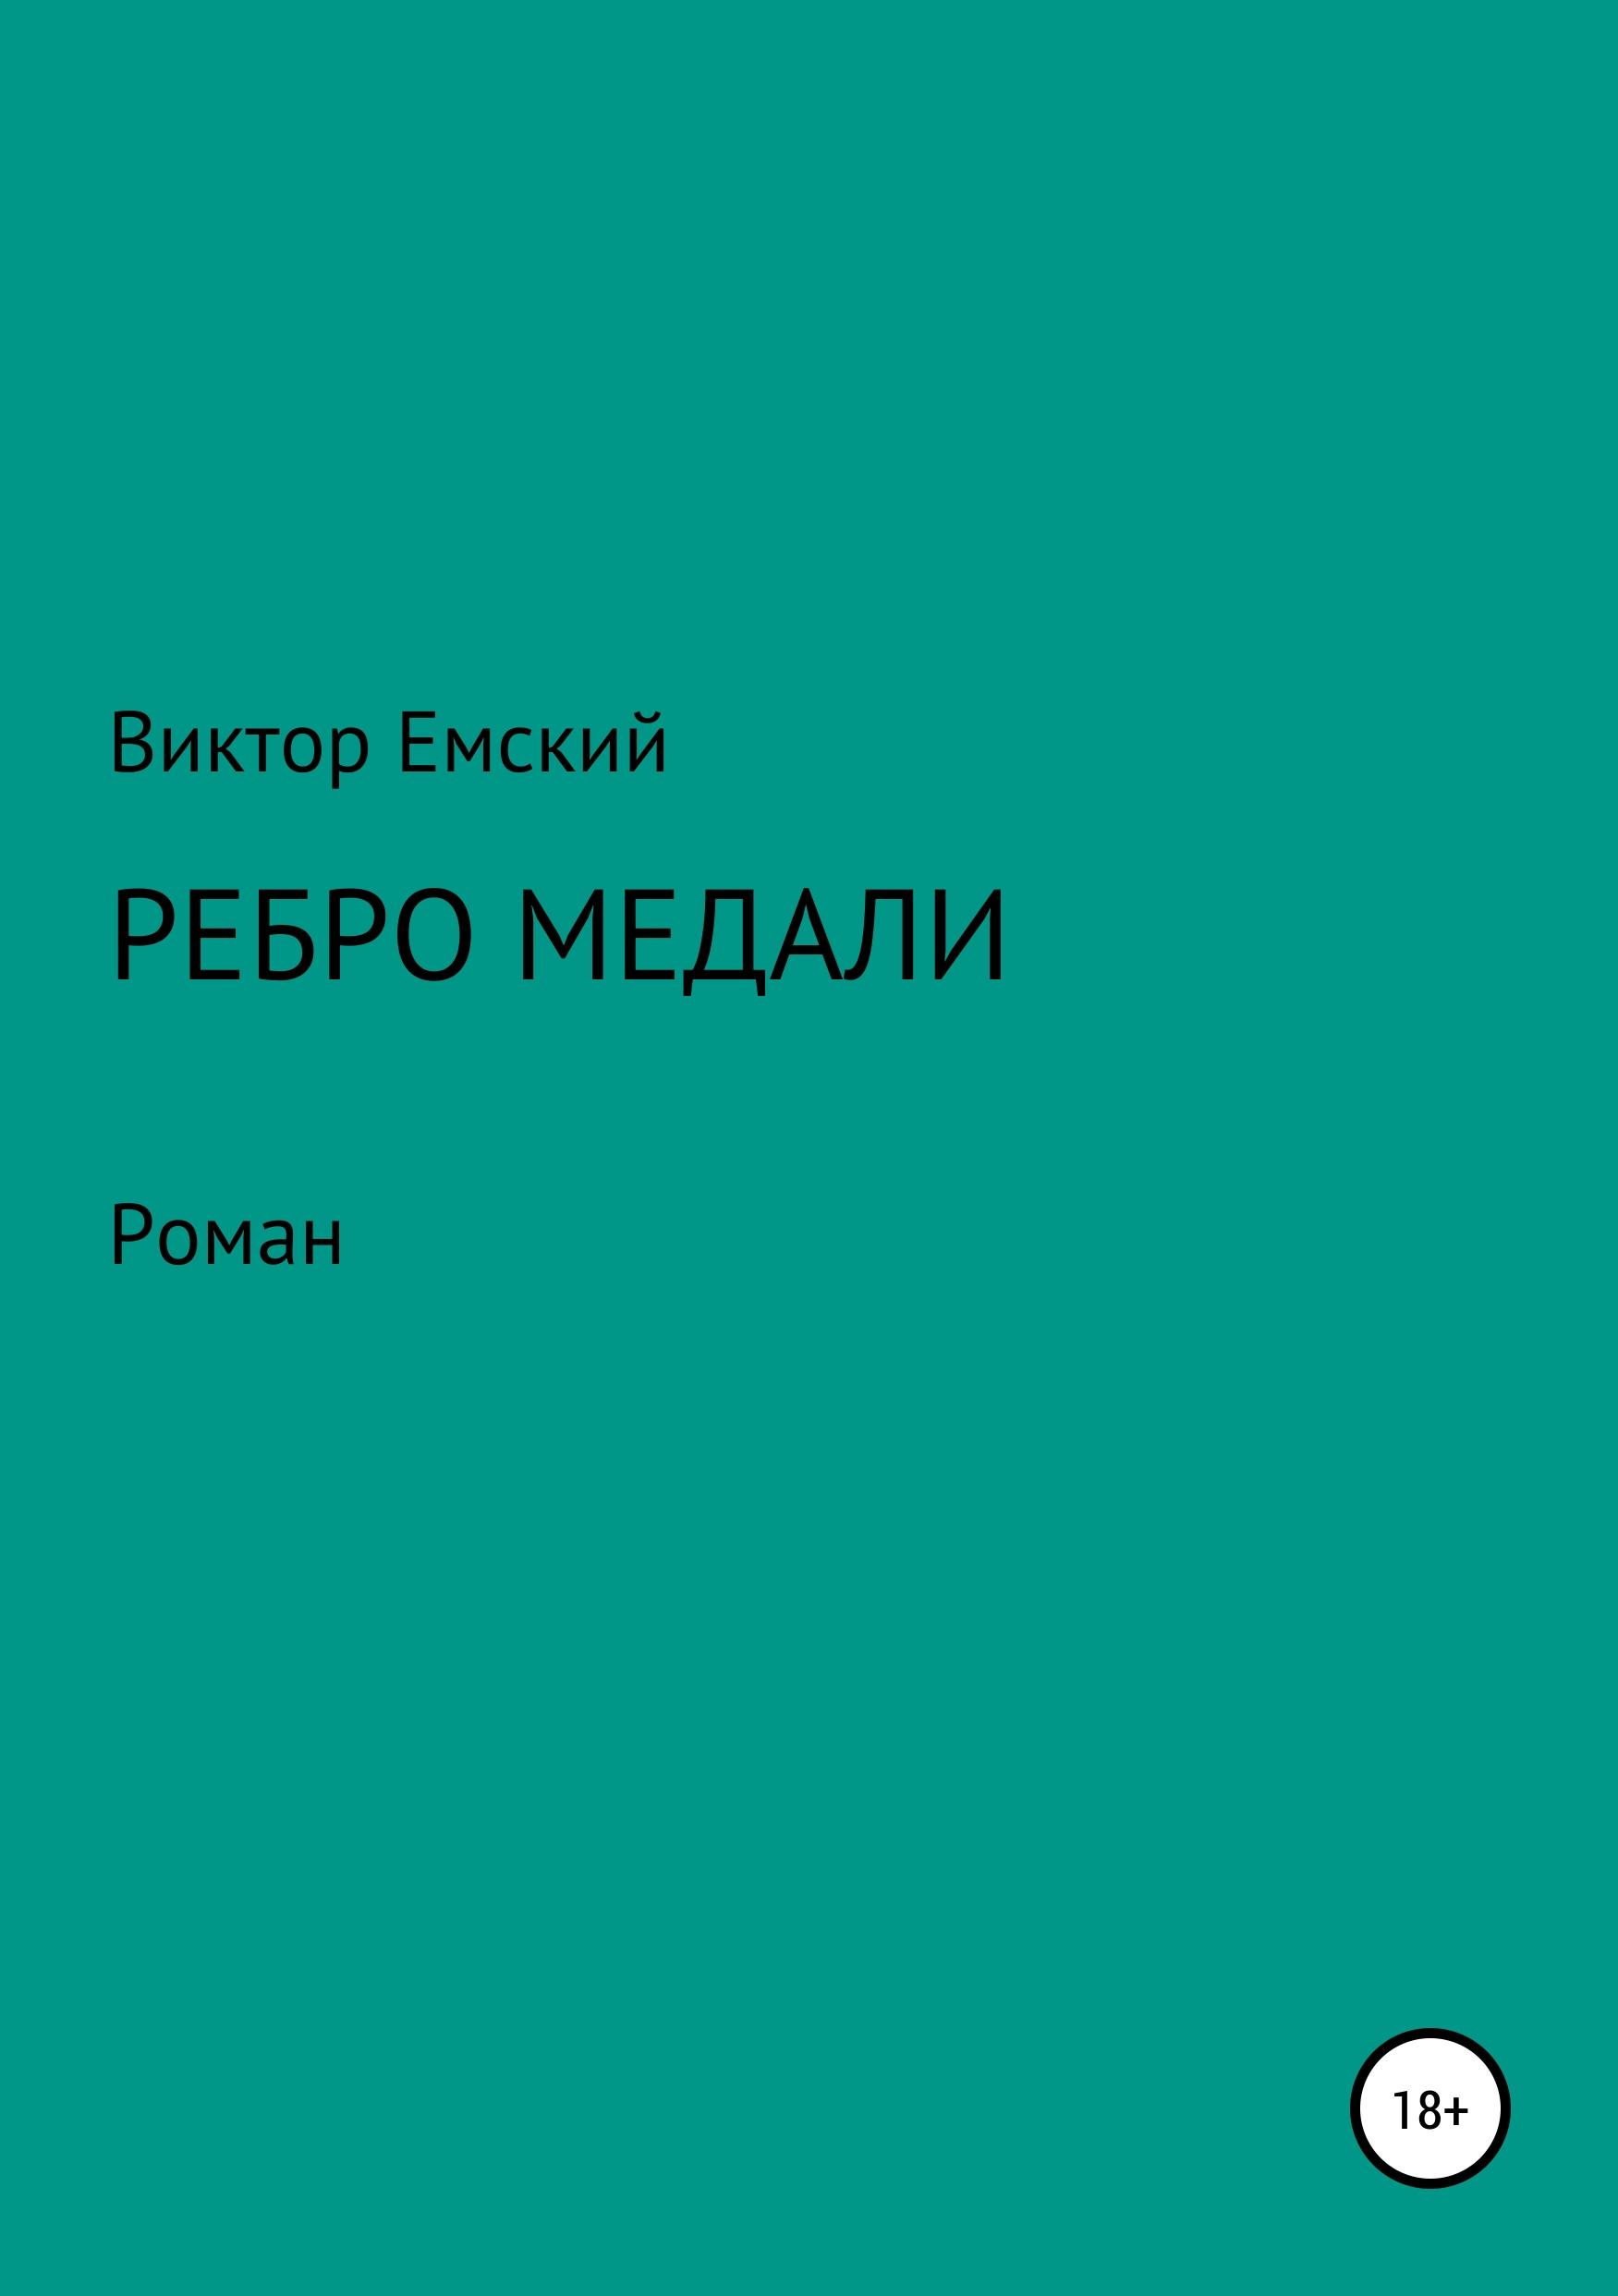 Виктор Емский Ребро медали и в сталин о национальном вопросе